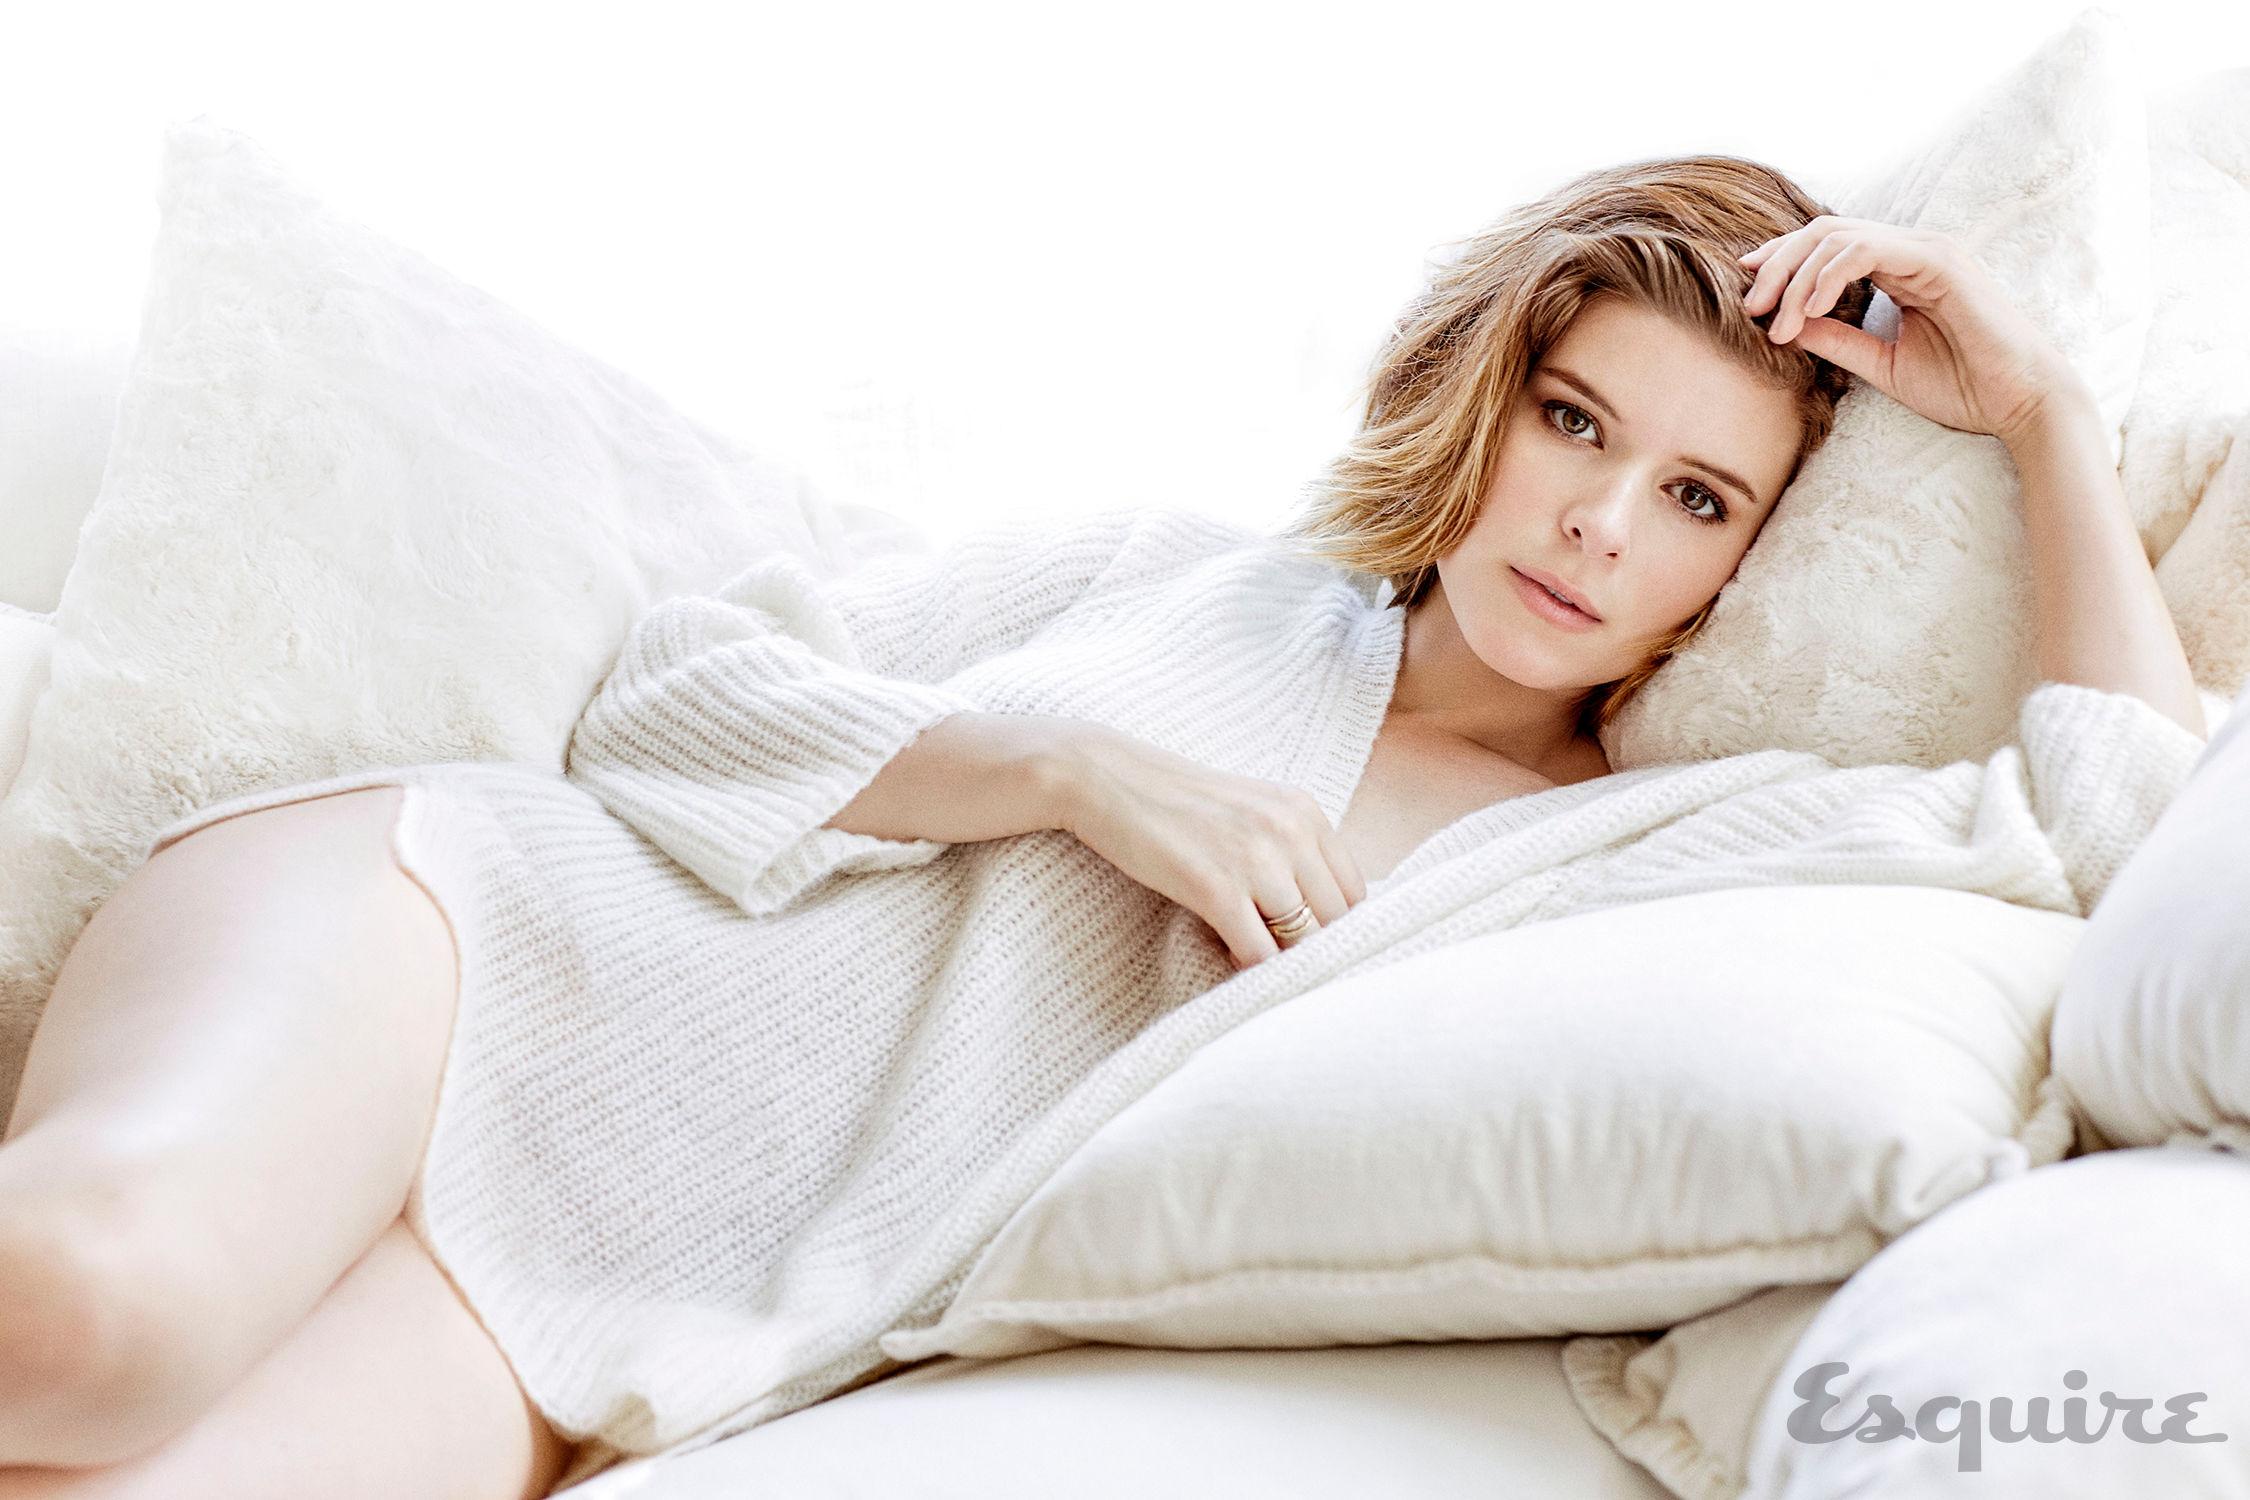 Topless pics of Kate Mara